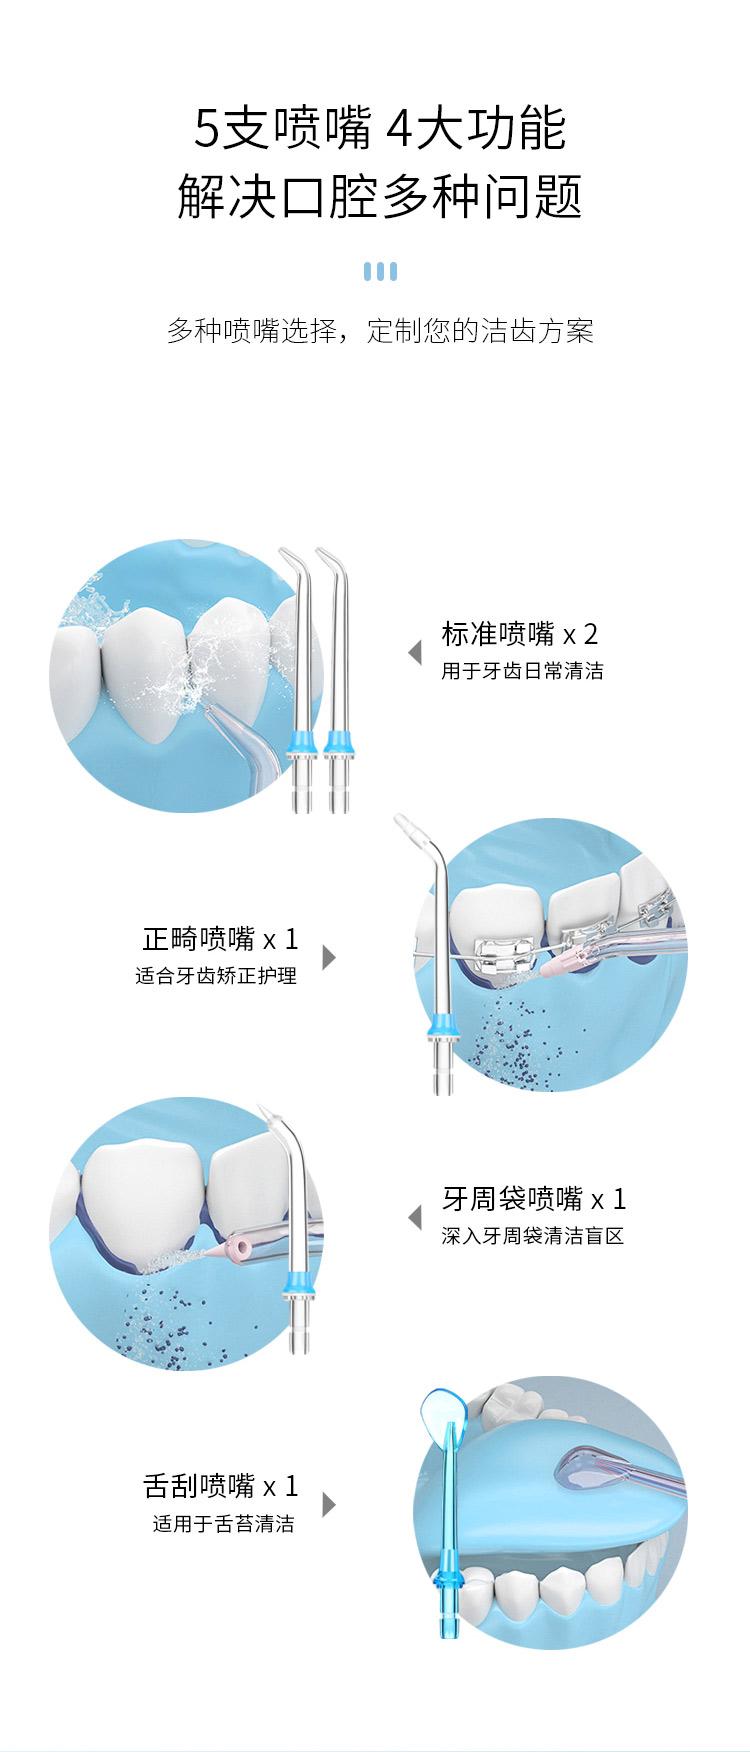 华为HiLink 惠齿 智能冲牙器 15档清洁模式 图9